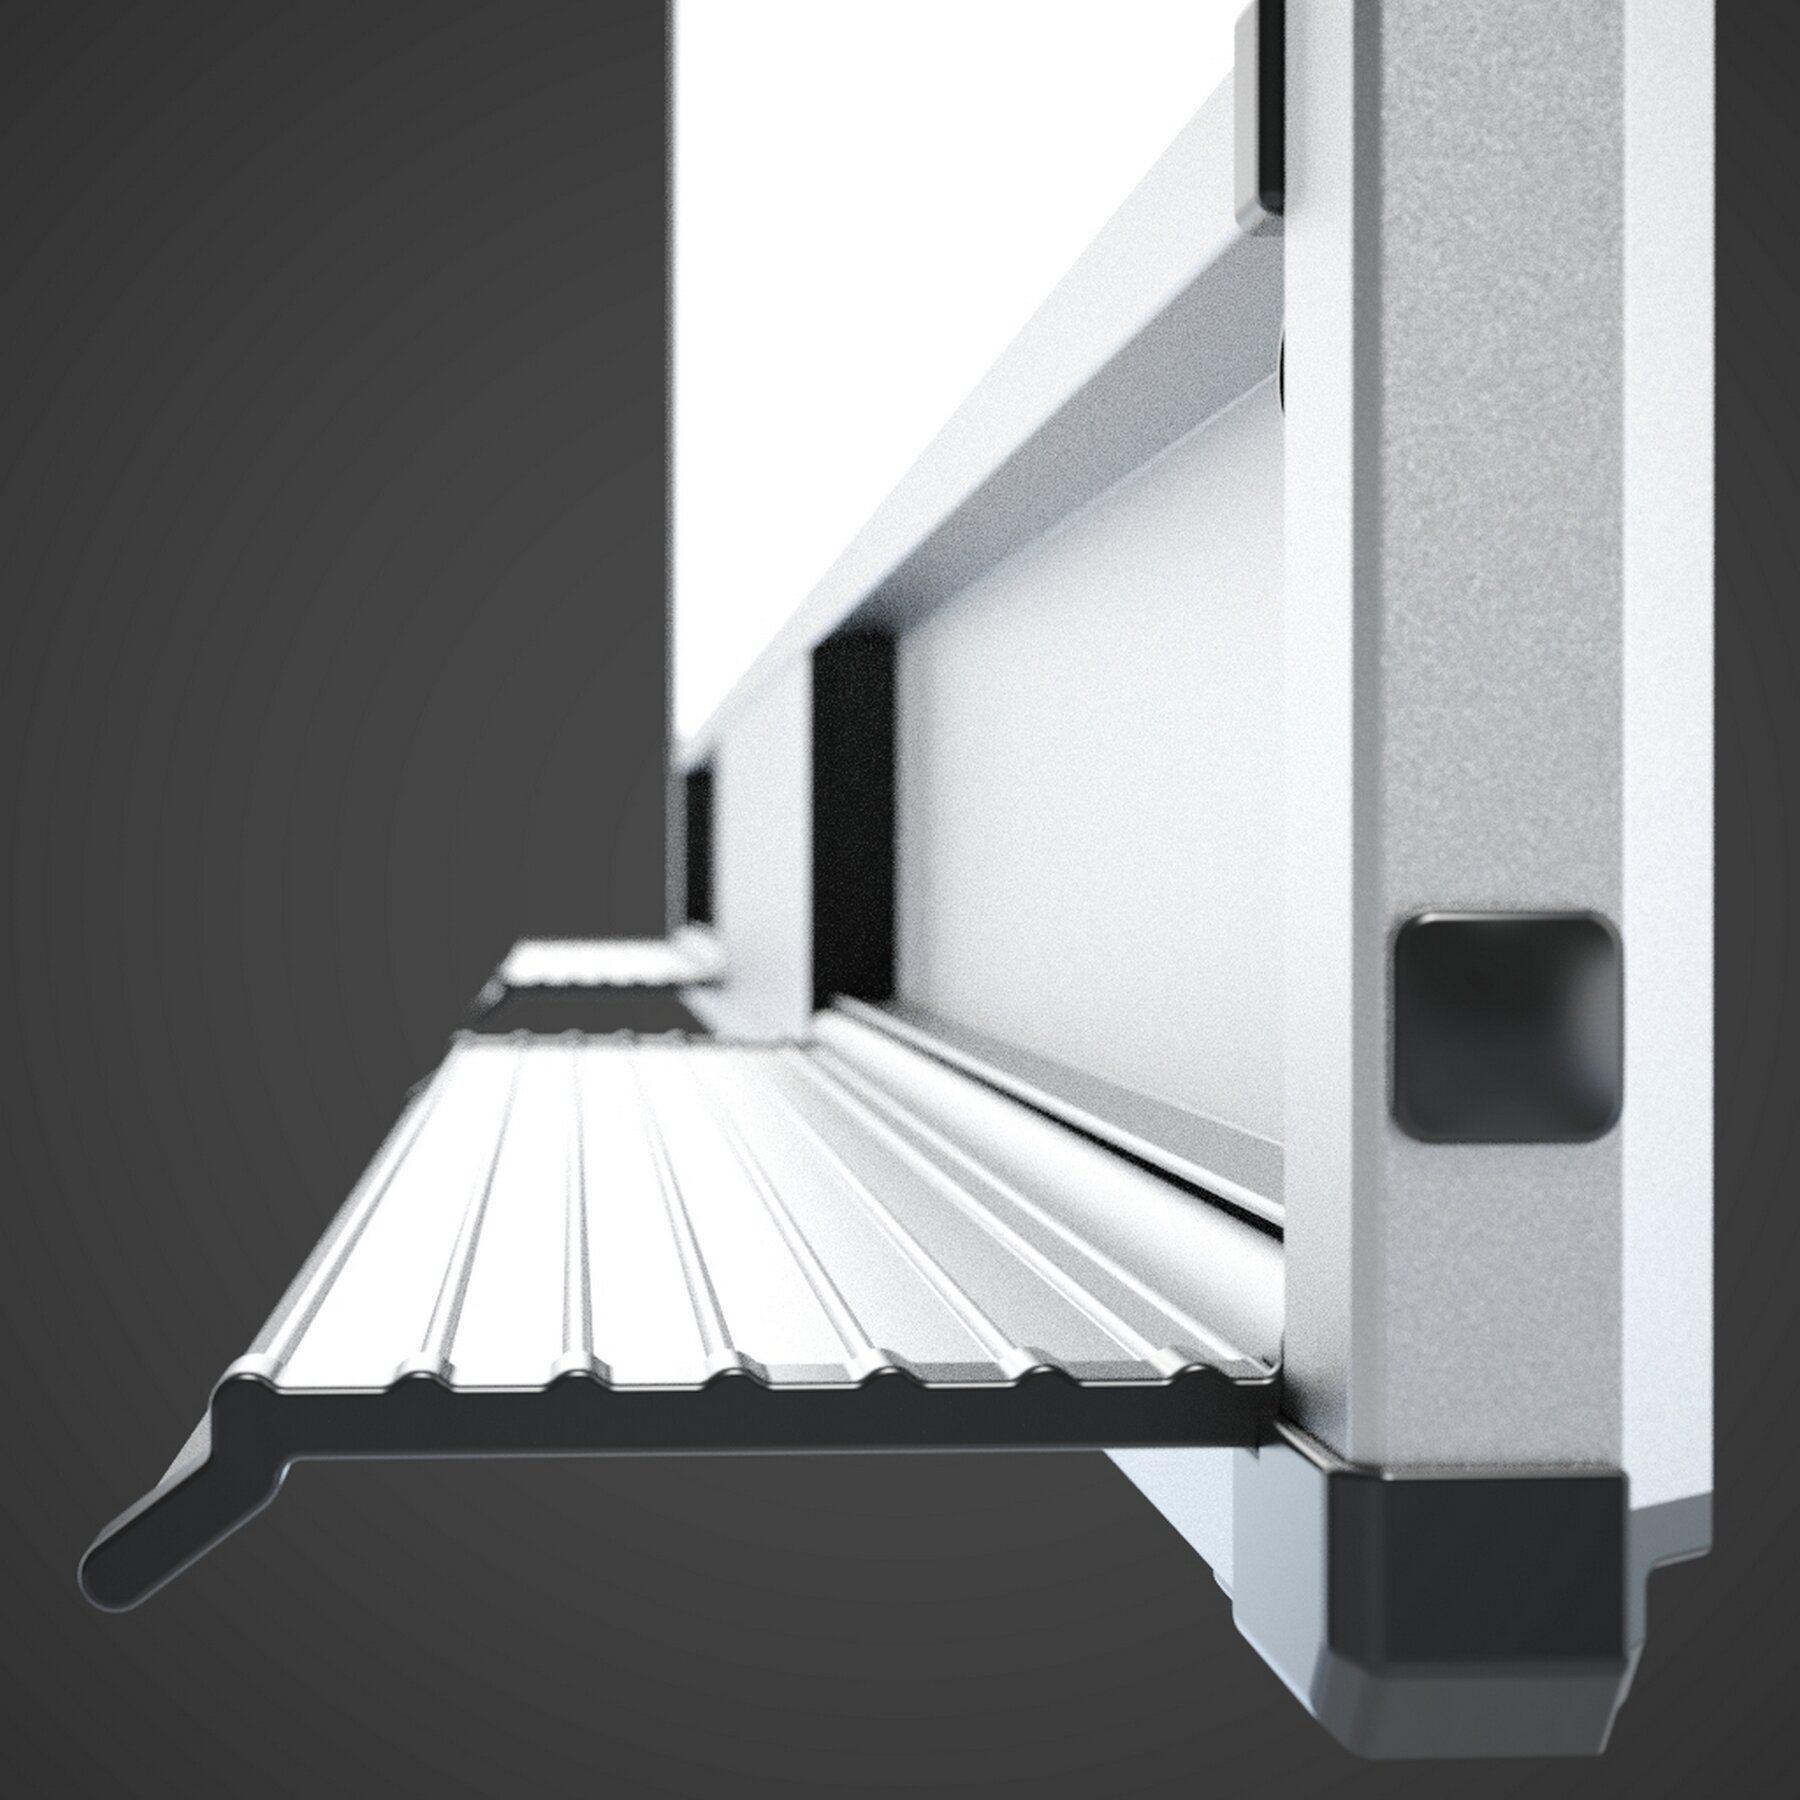 Доска белая магнитная сухостираемая StarBoard 90*120см., алюминиевая рамка, лак 2x3 - фото 7